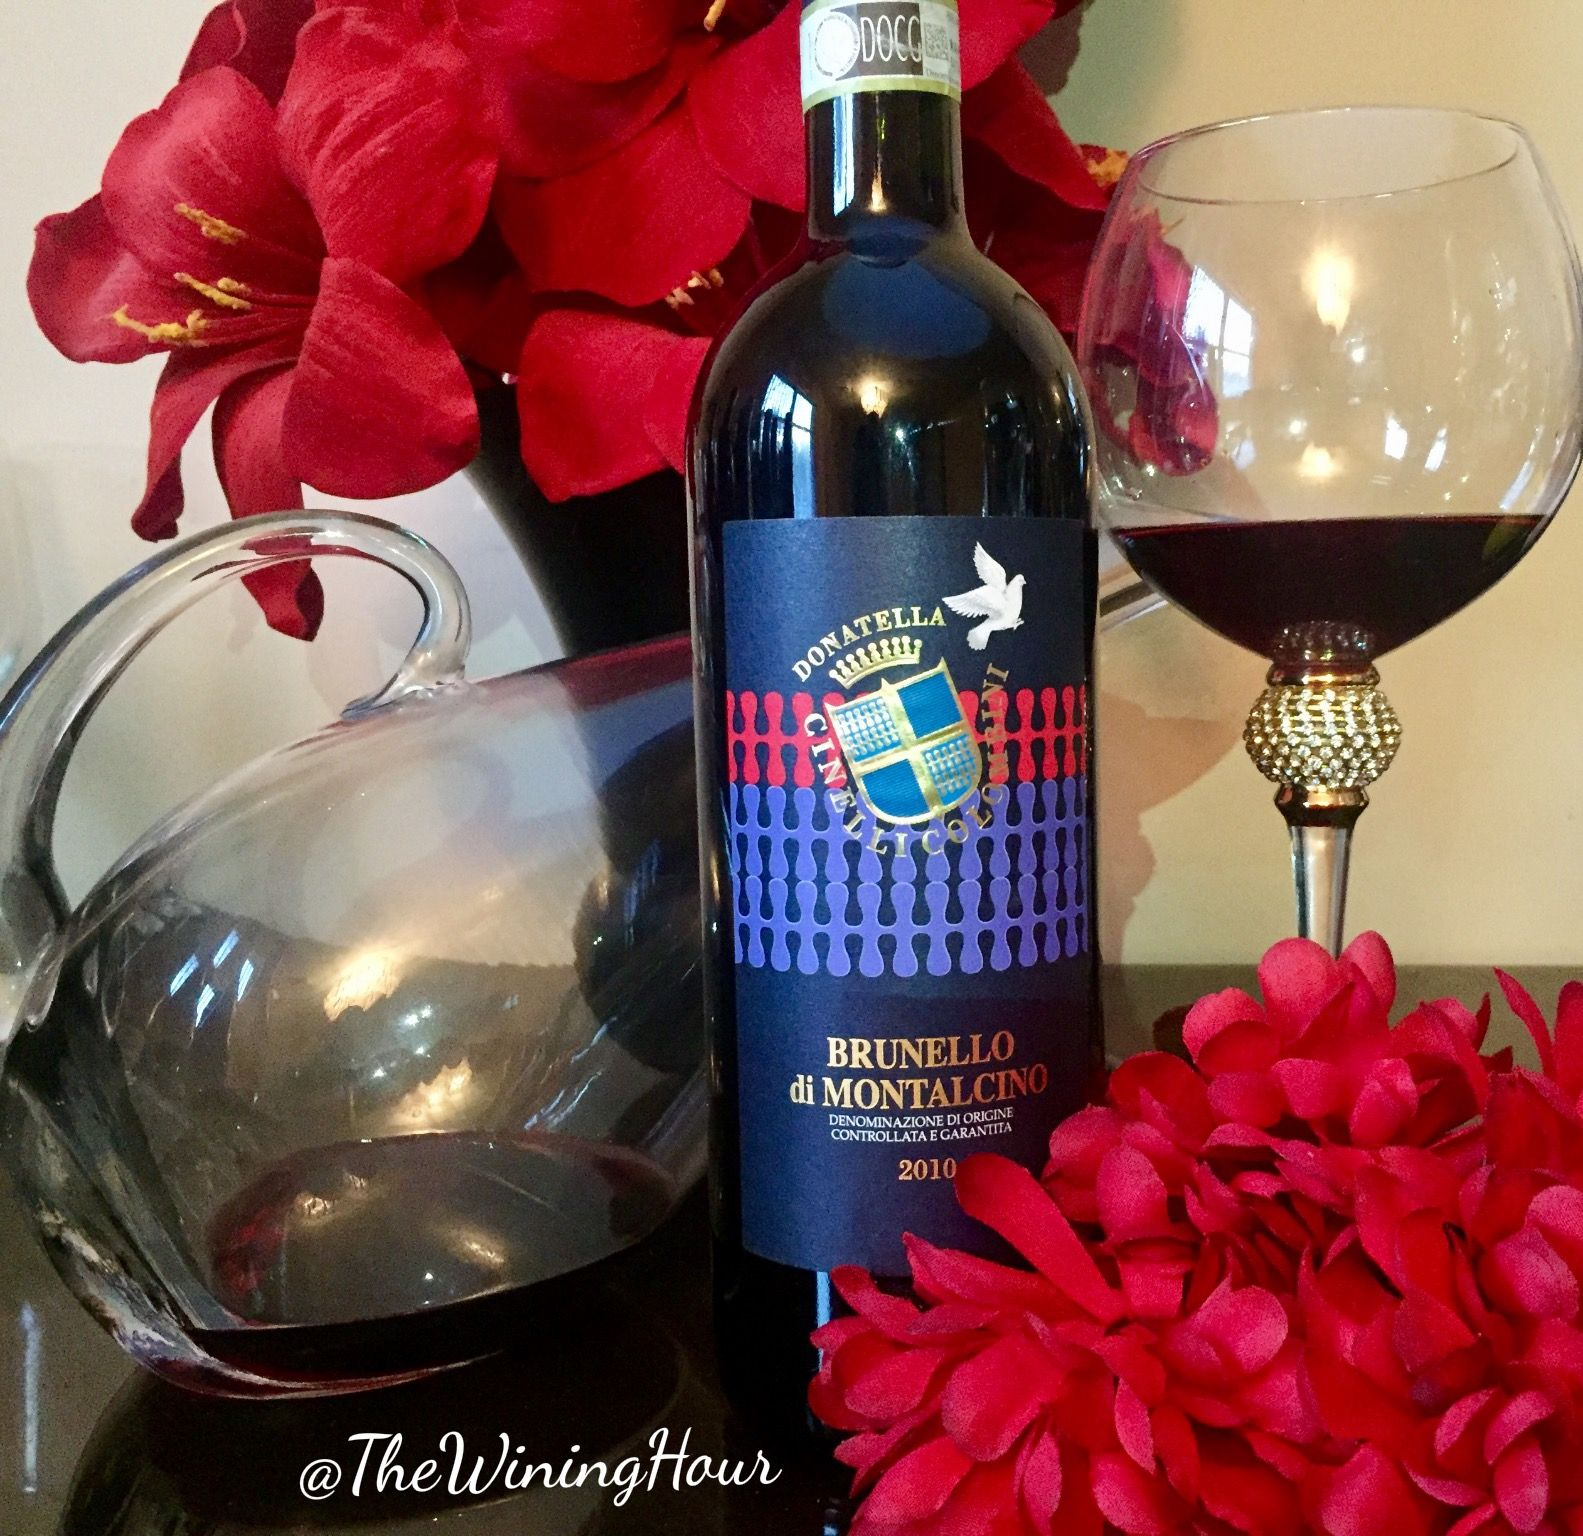 A Yummy Brunello Di Montalcino By Donatella Cinelli Colombini Wininghour Brunello Di Montalcino Different Wines Italian Wine